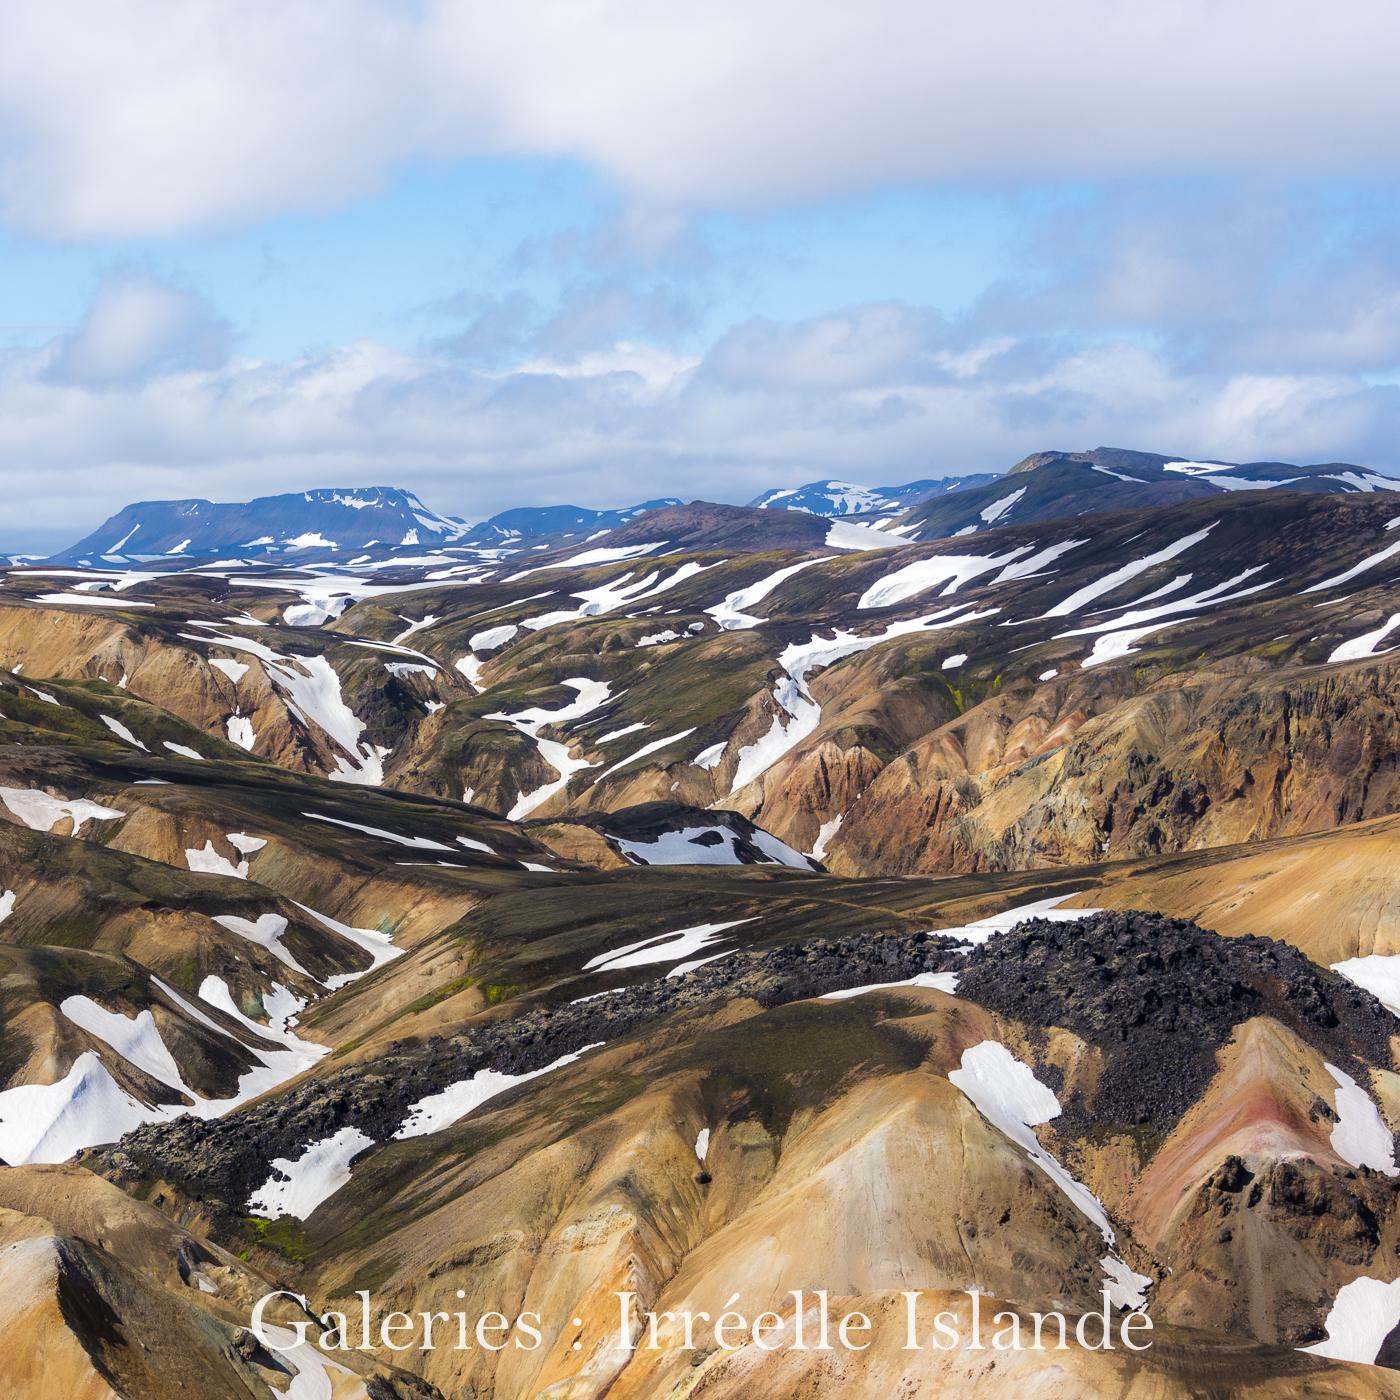 Cliquez ici pour accéder aux galeries : Irréelle Islande